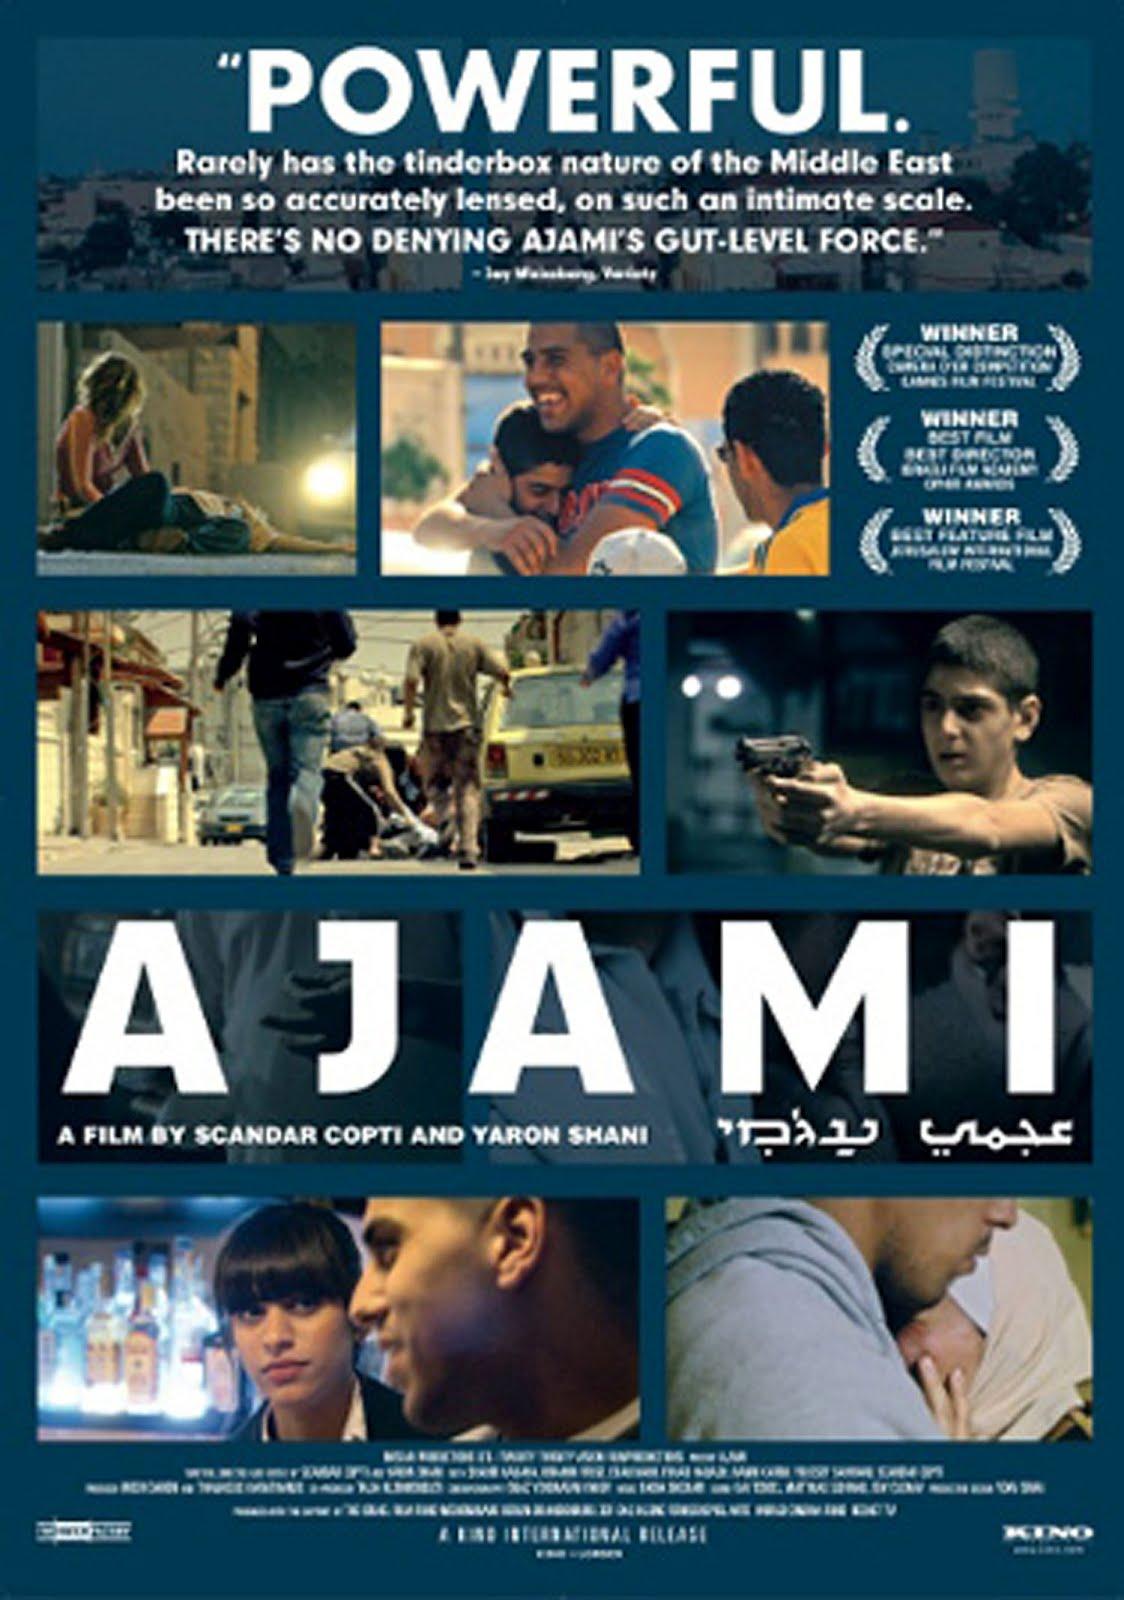 Ajami Movie Poster